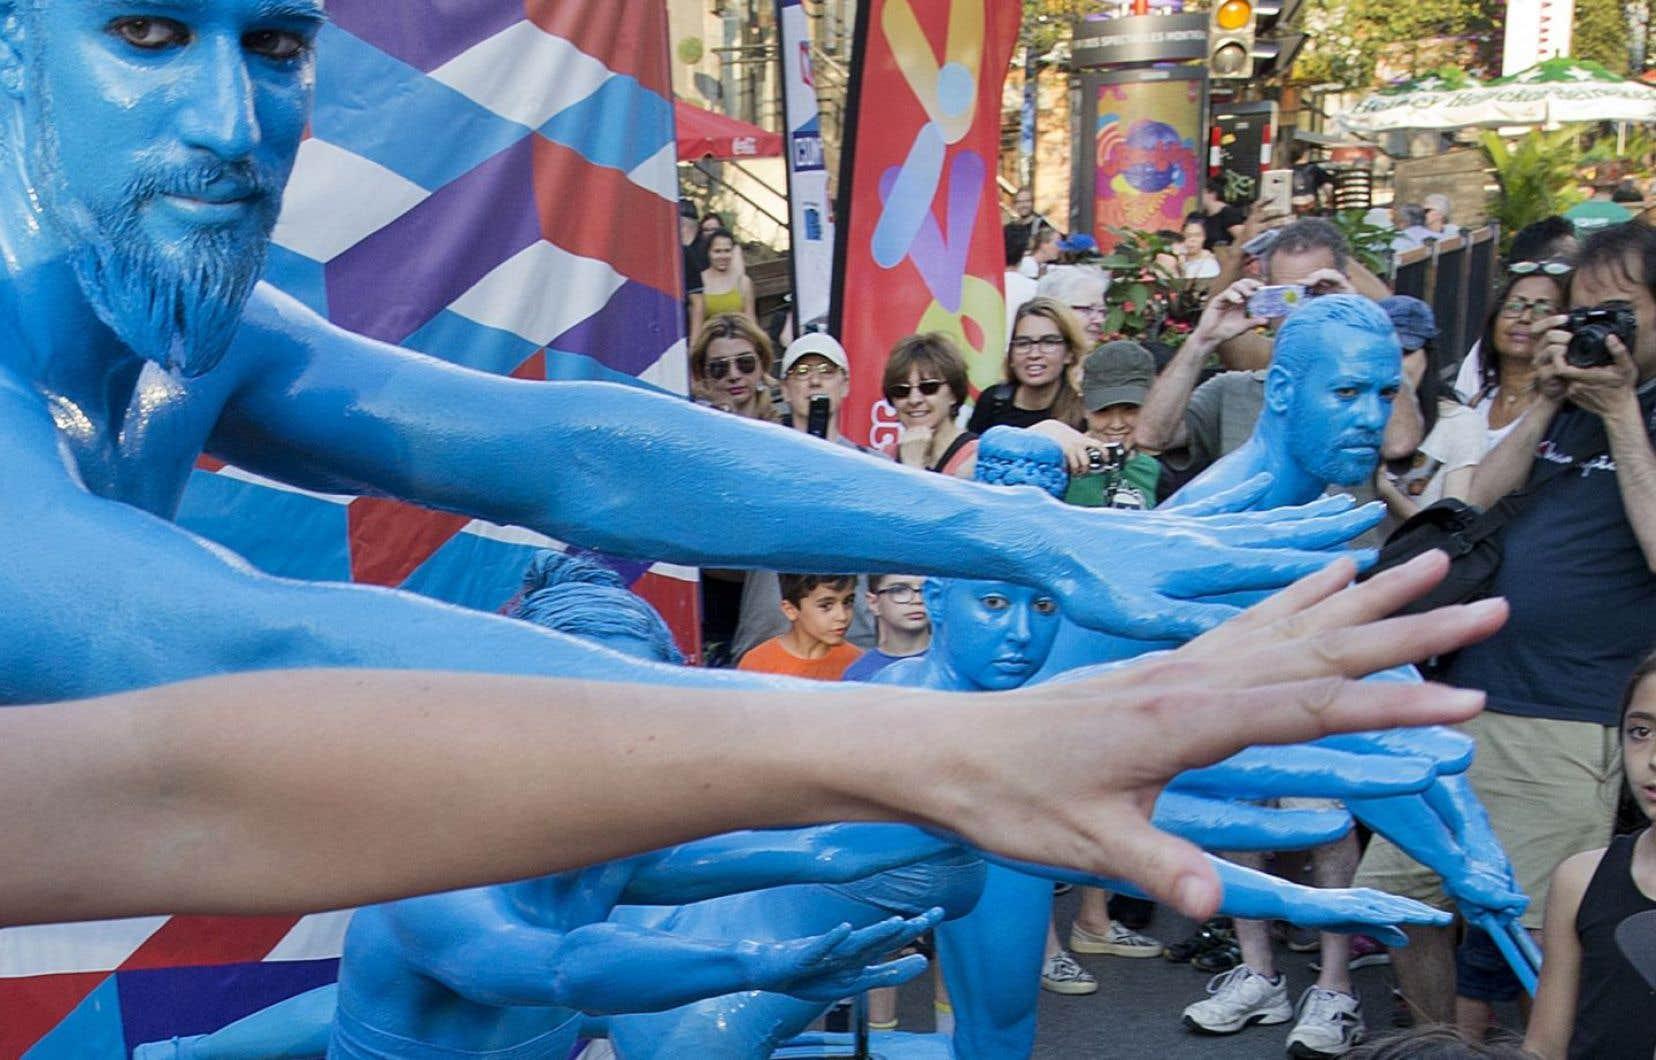 «Les gens de couleur» est un spectacle déambulatoire faisant partie des prestations extérieures organisées dans le cadre du 375e anniversaire de Montréal, dont le slogan est «À nous la rue!».